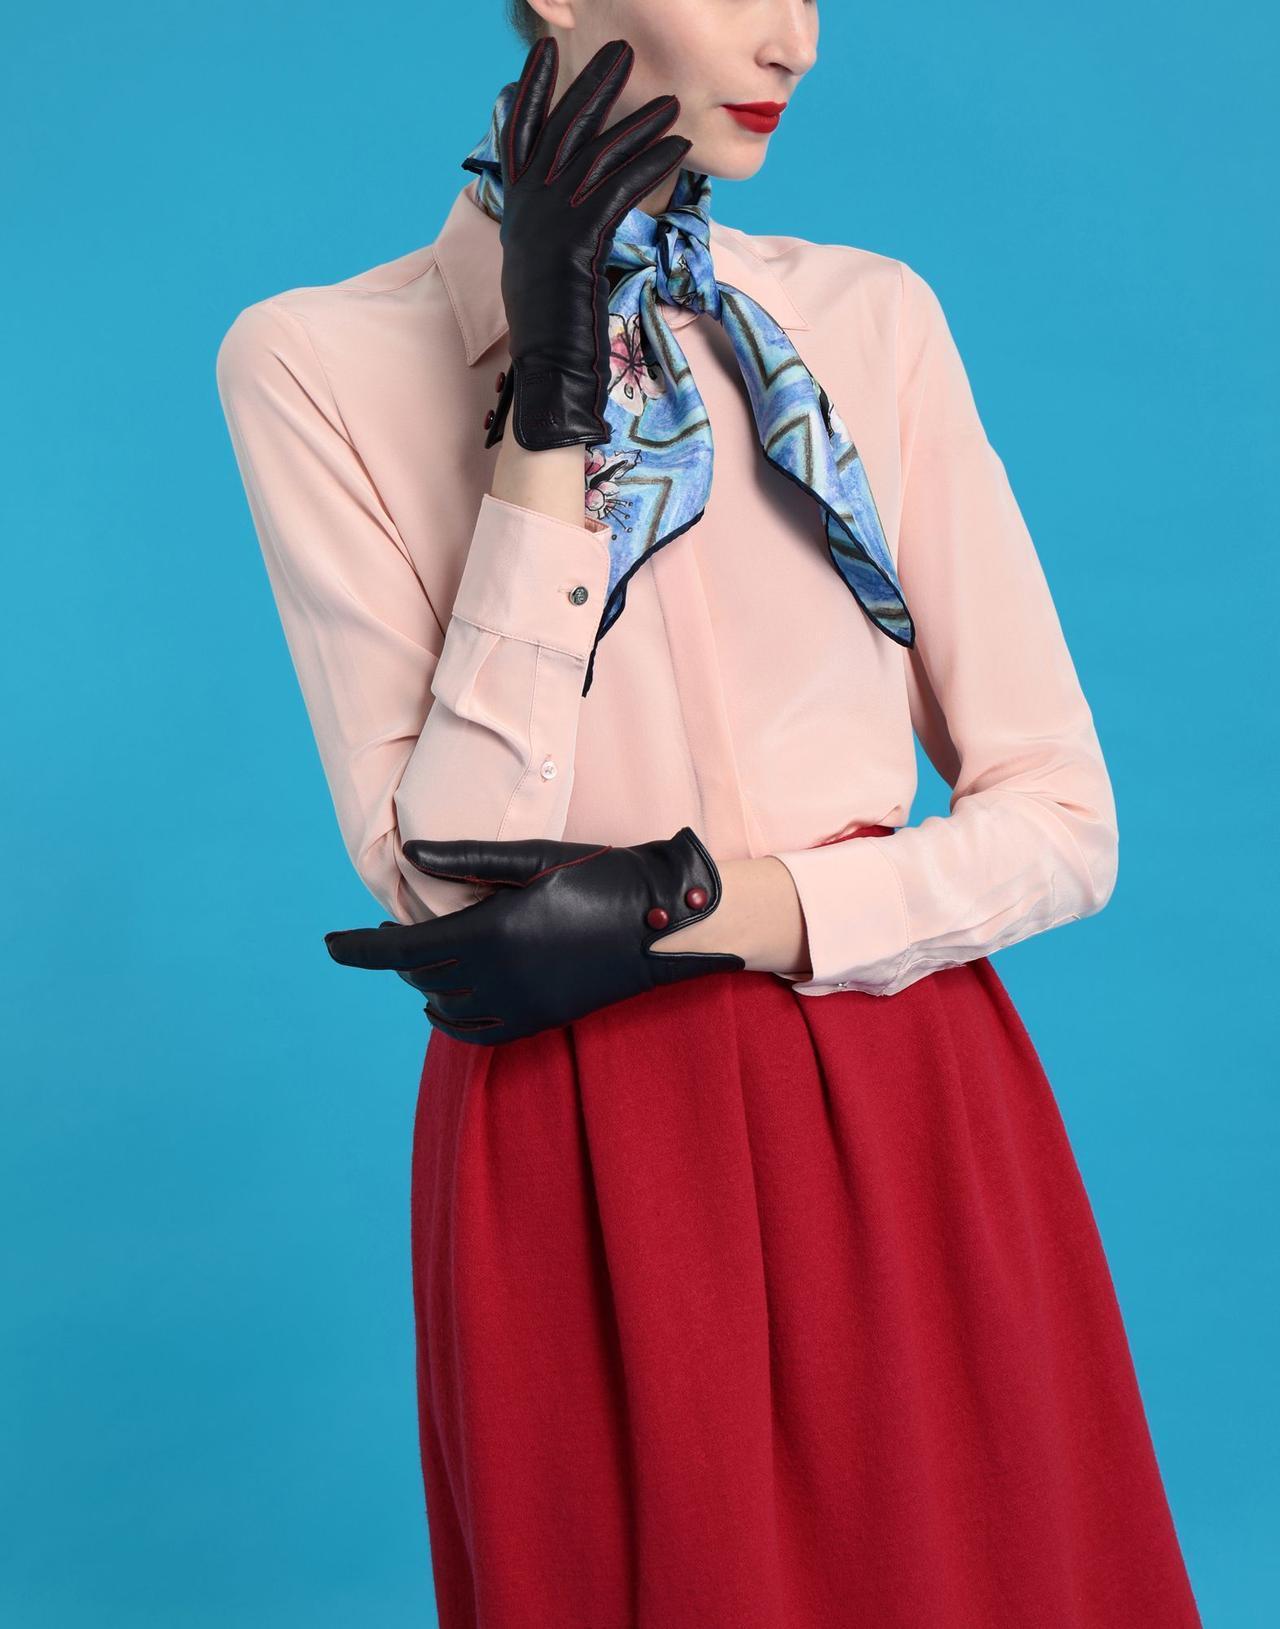 画像2: メリー・ポピンズ限定コレクション、YOOX で発売!「Mary Poppins Returns x YOOX」